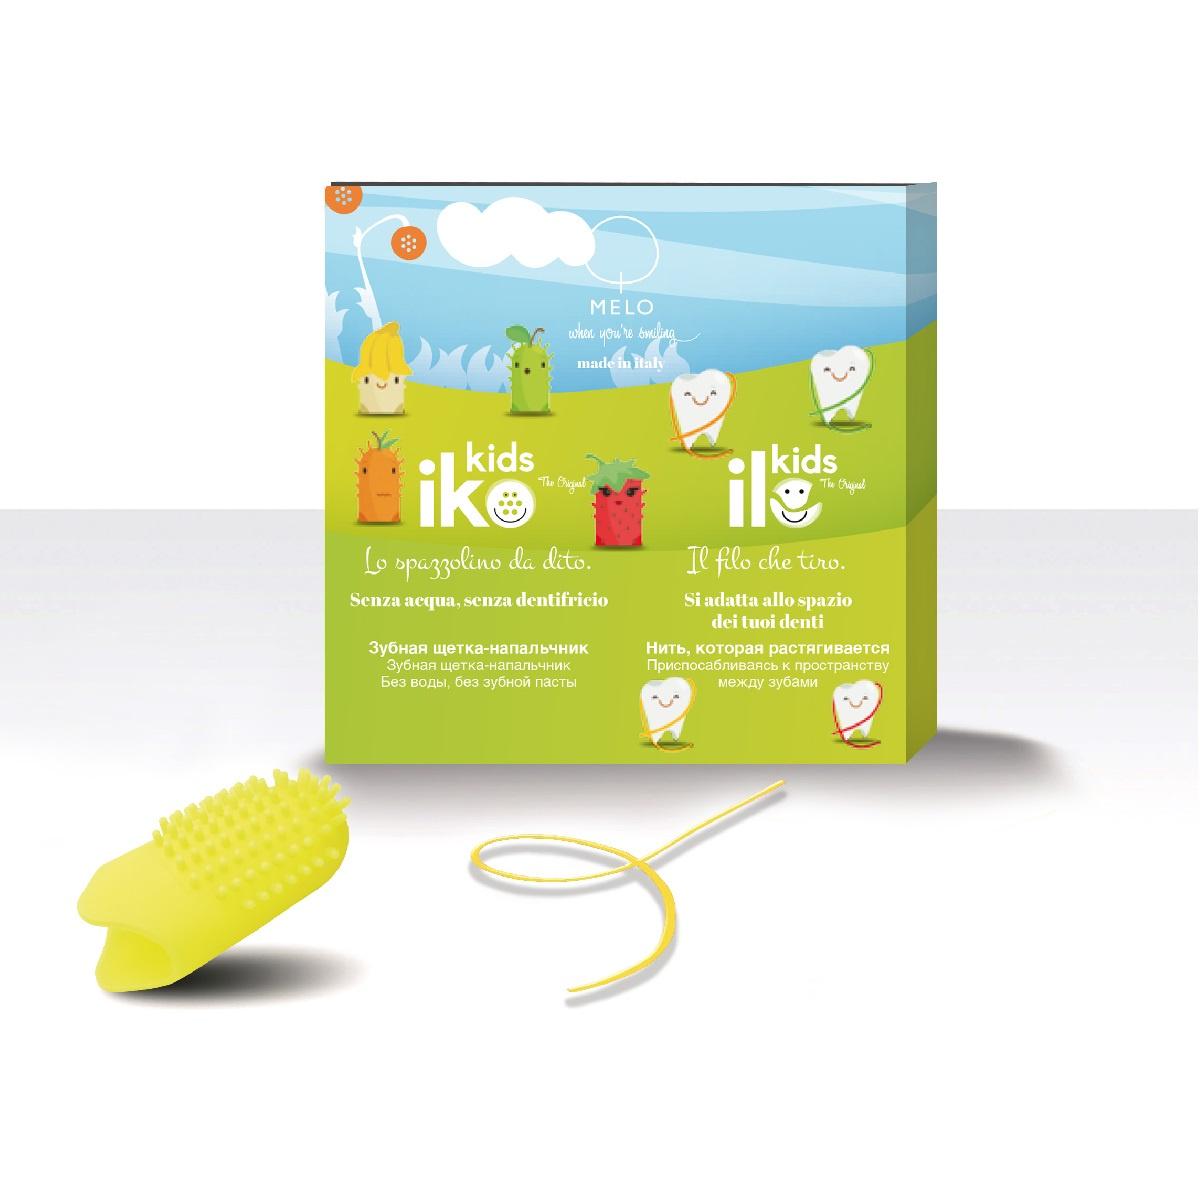 Зубная щетка MELO - When you're smiling антибактериальная фторирующая iKO Kids; зубная нить антибактериальная фторирующая iLO Kids; для детей, Банан